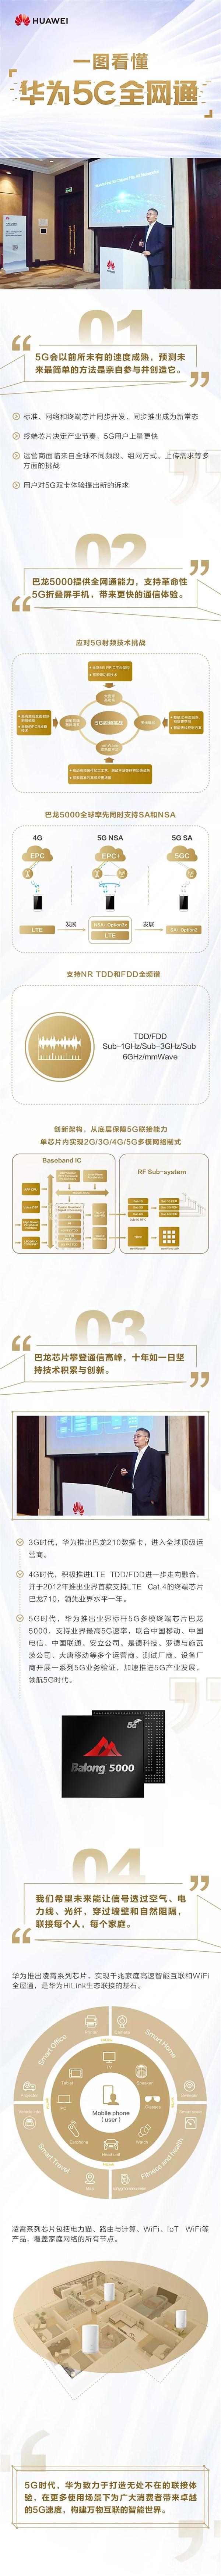 一图看懂华为5G全网通:巴龙+凌霄双剑合璧